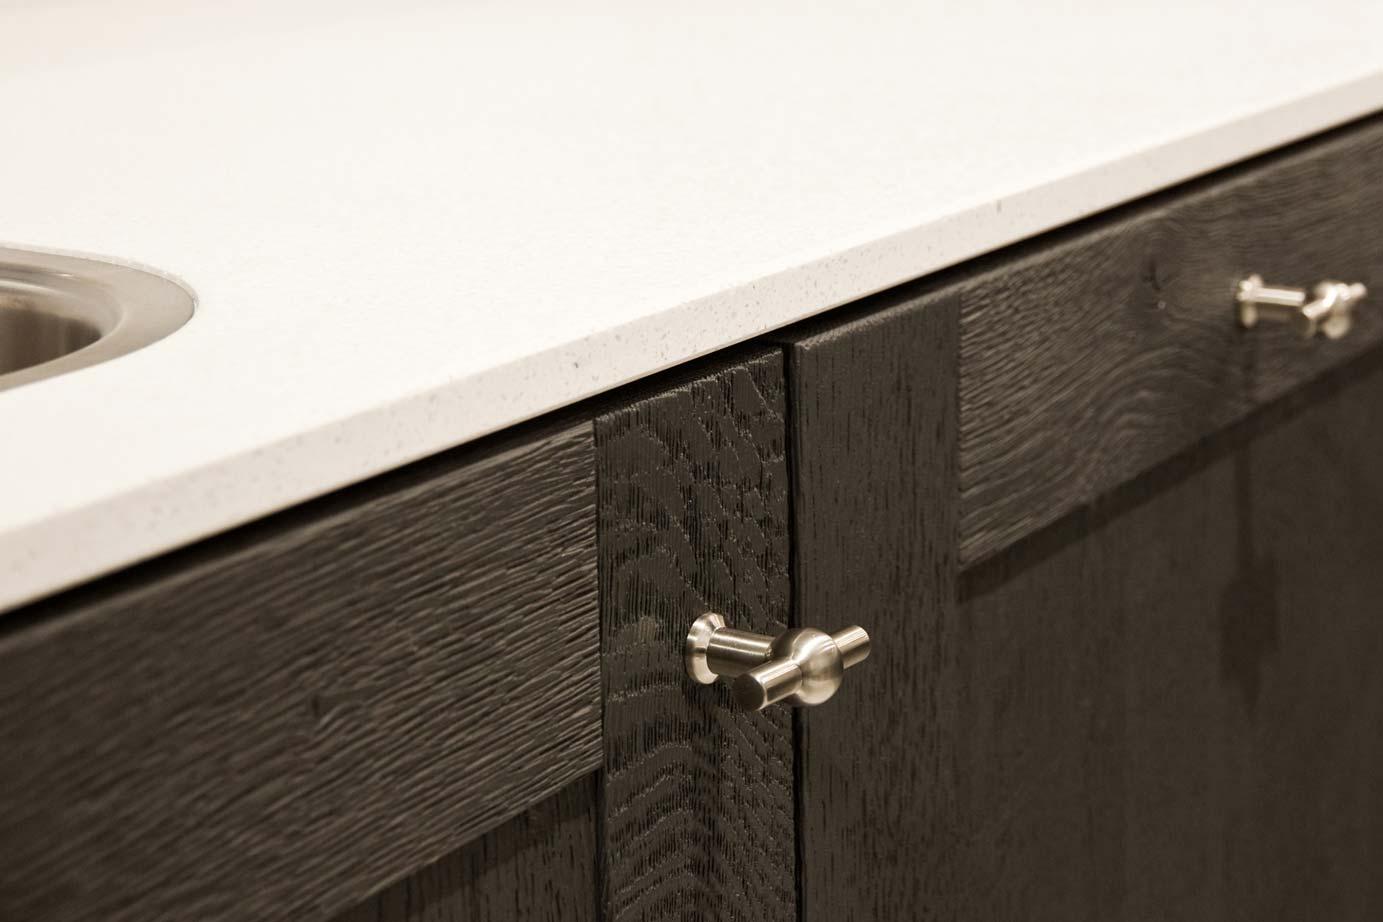 Eethoekbanken keuken keuken hoekbank met tafel eettafel kleine woonkamer keuken werktafel hout - Kleine keuken modellen ...